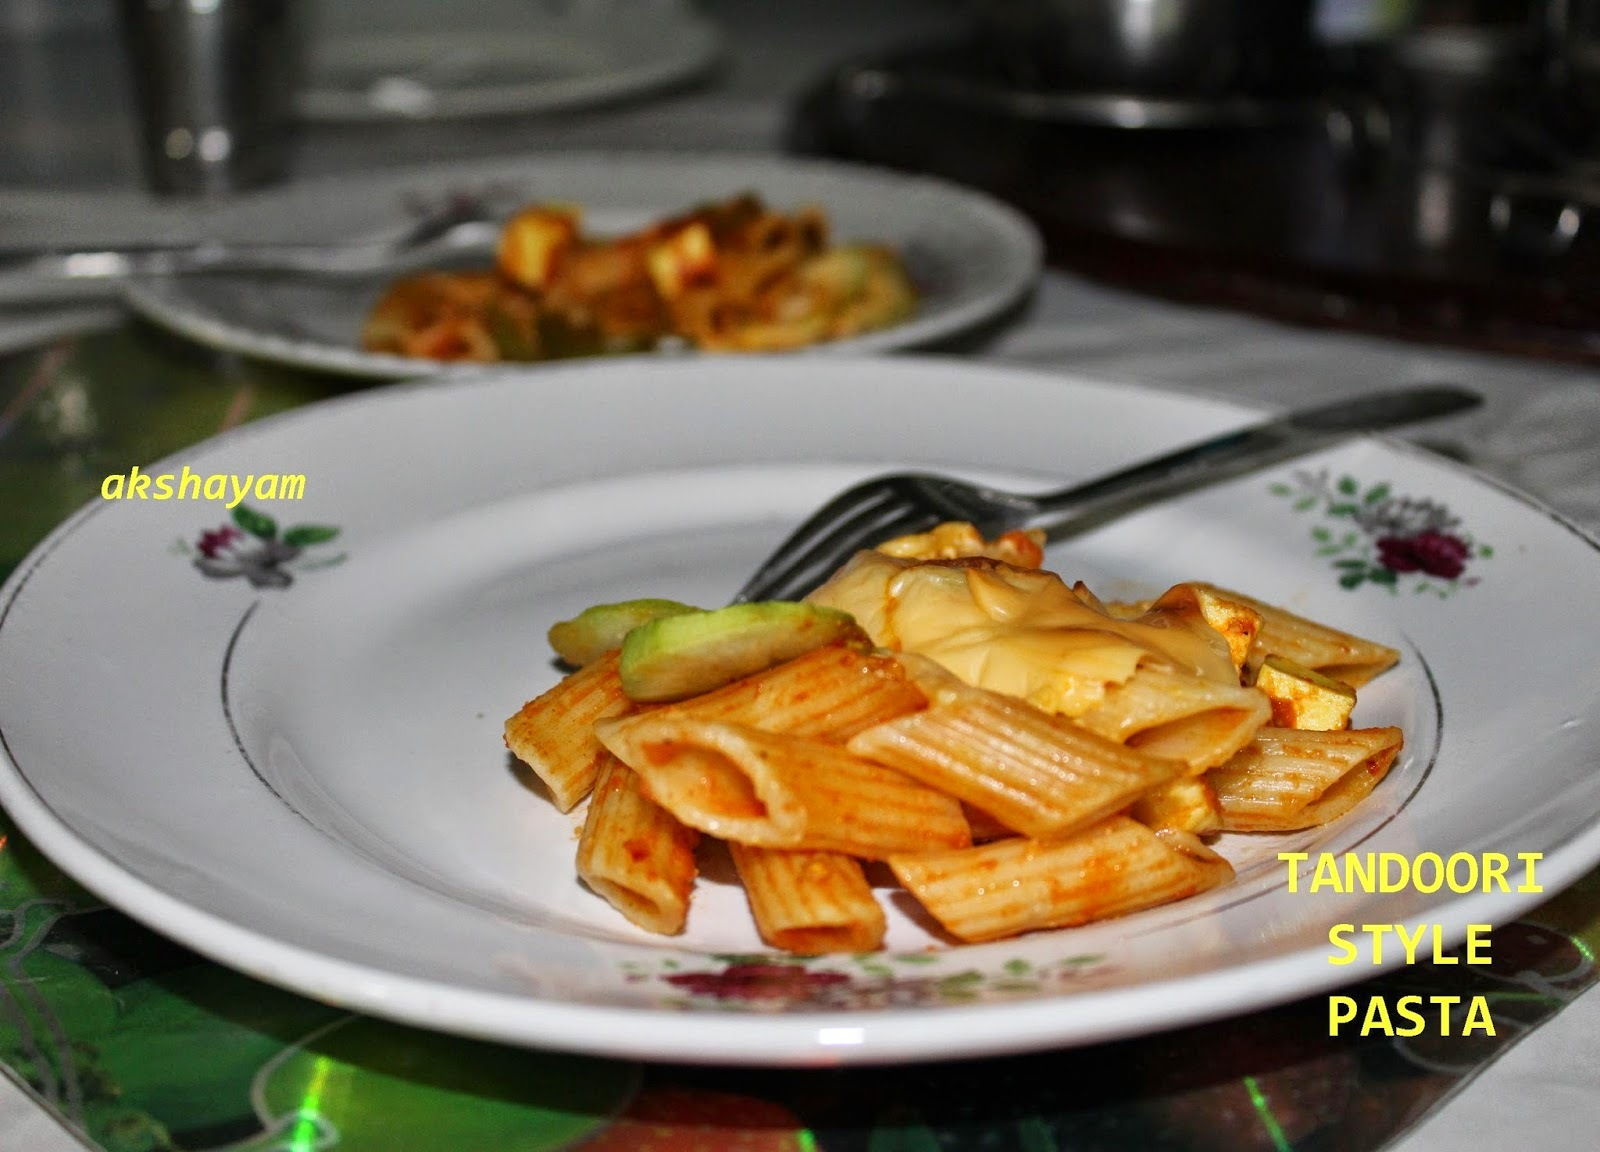 Tandoori Style Pasta